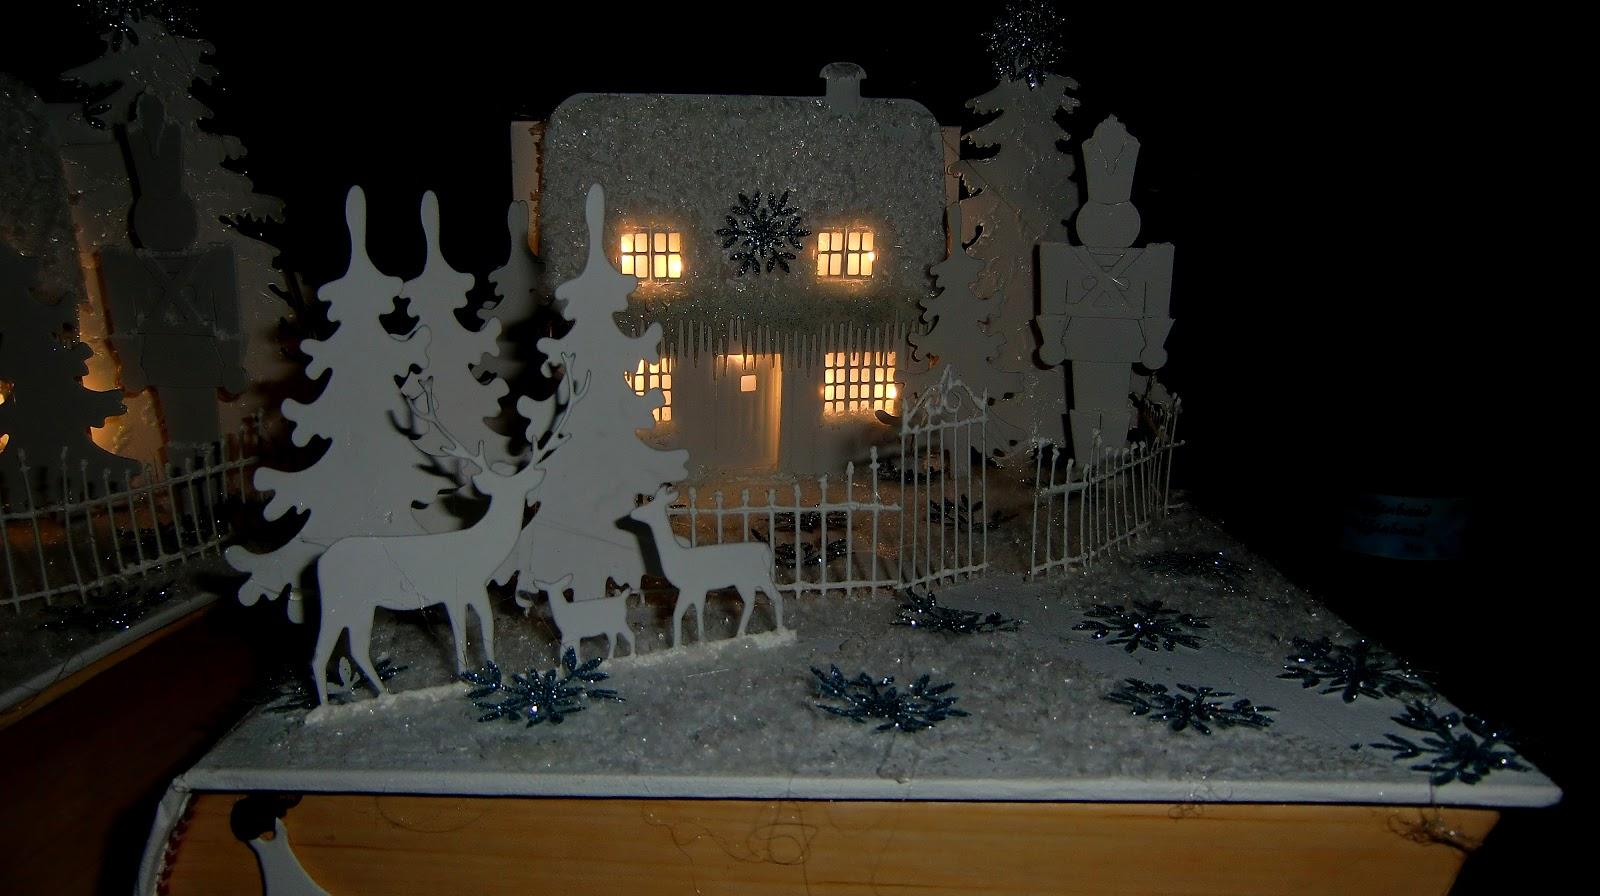 ursula s kreativecke letzte bastelei vor weihnachten und. Black Bedroom Furniture Sets. Home Design Ideas